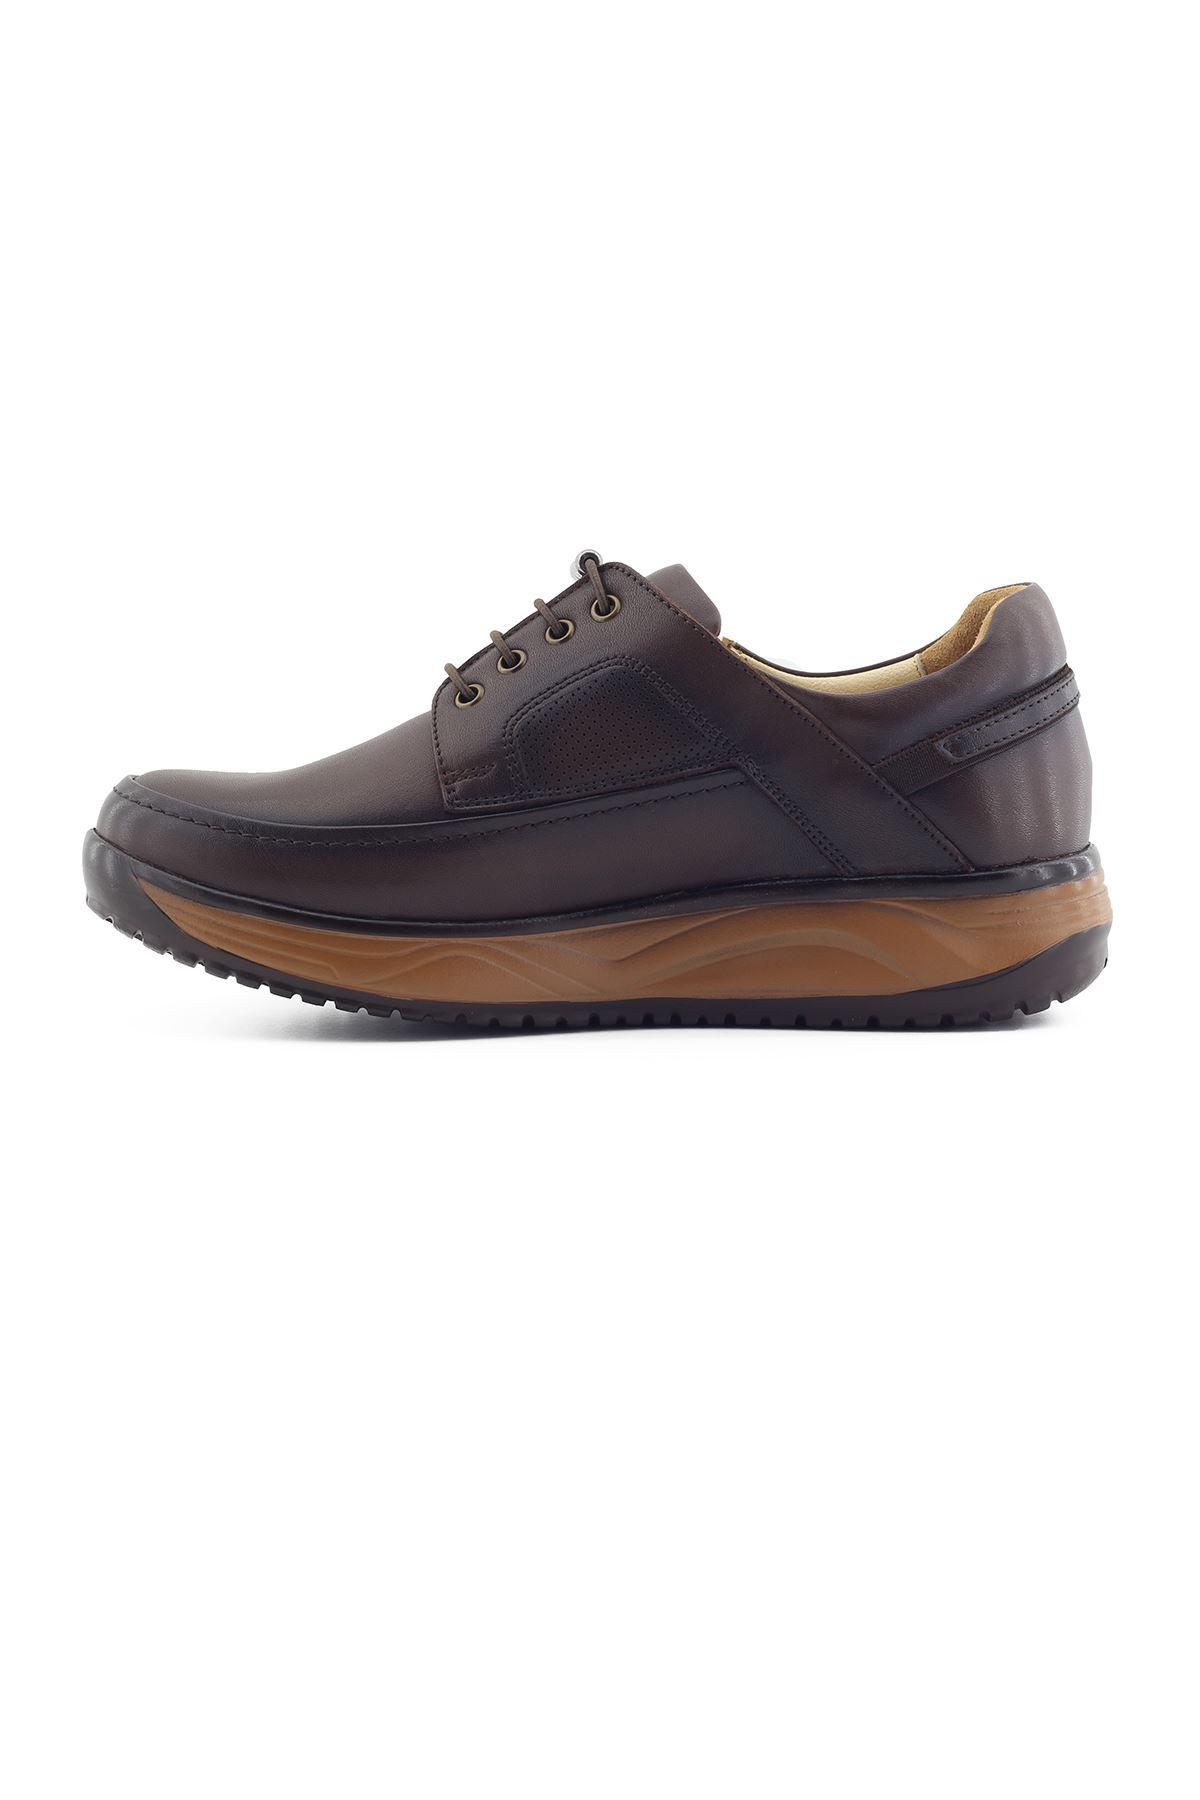 1853 Kahve Erkek Yürüyüş Ayakkabısı